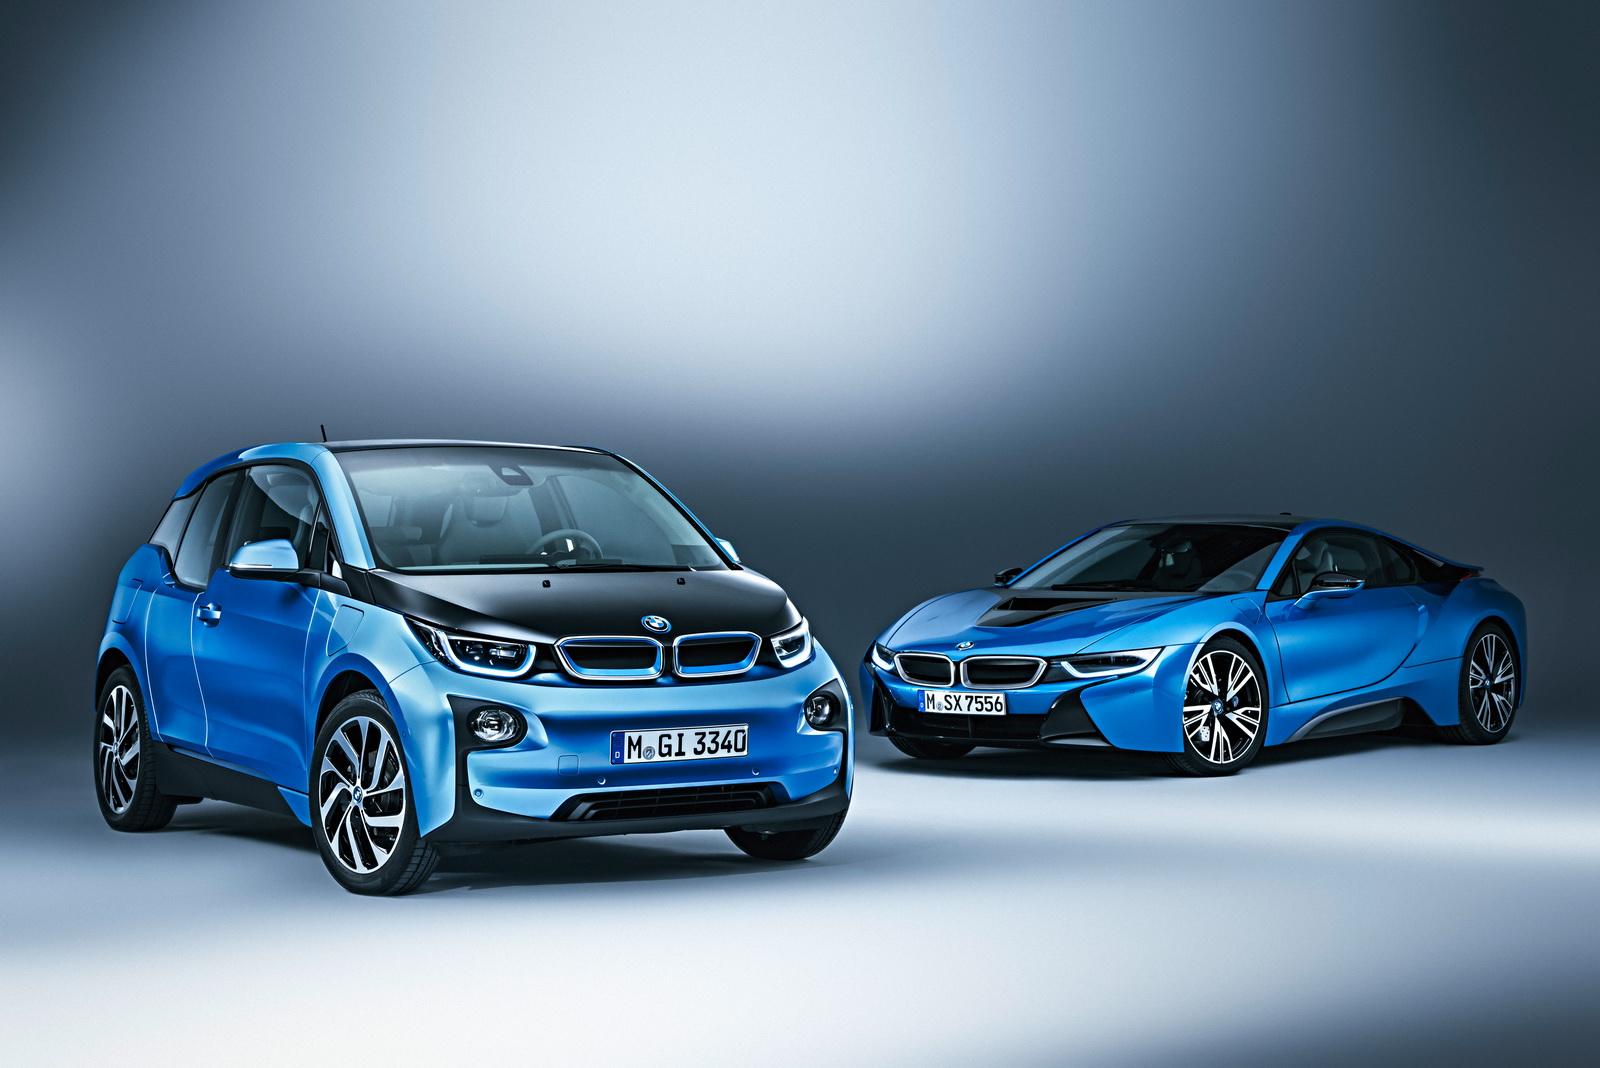 BMW i3 2017 sẽ hiện thực hóa ước mơ sở hữu siêu xe...giống i8 cho tất cả mọi người